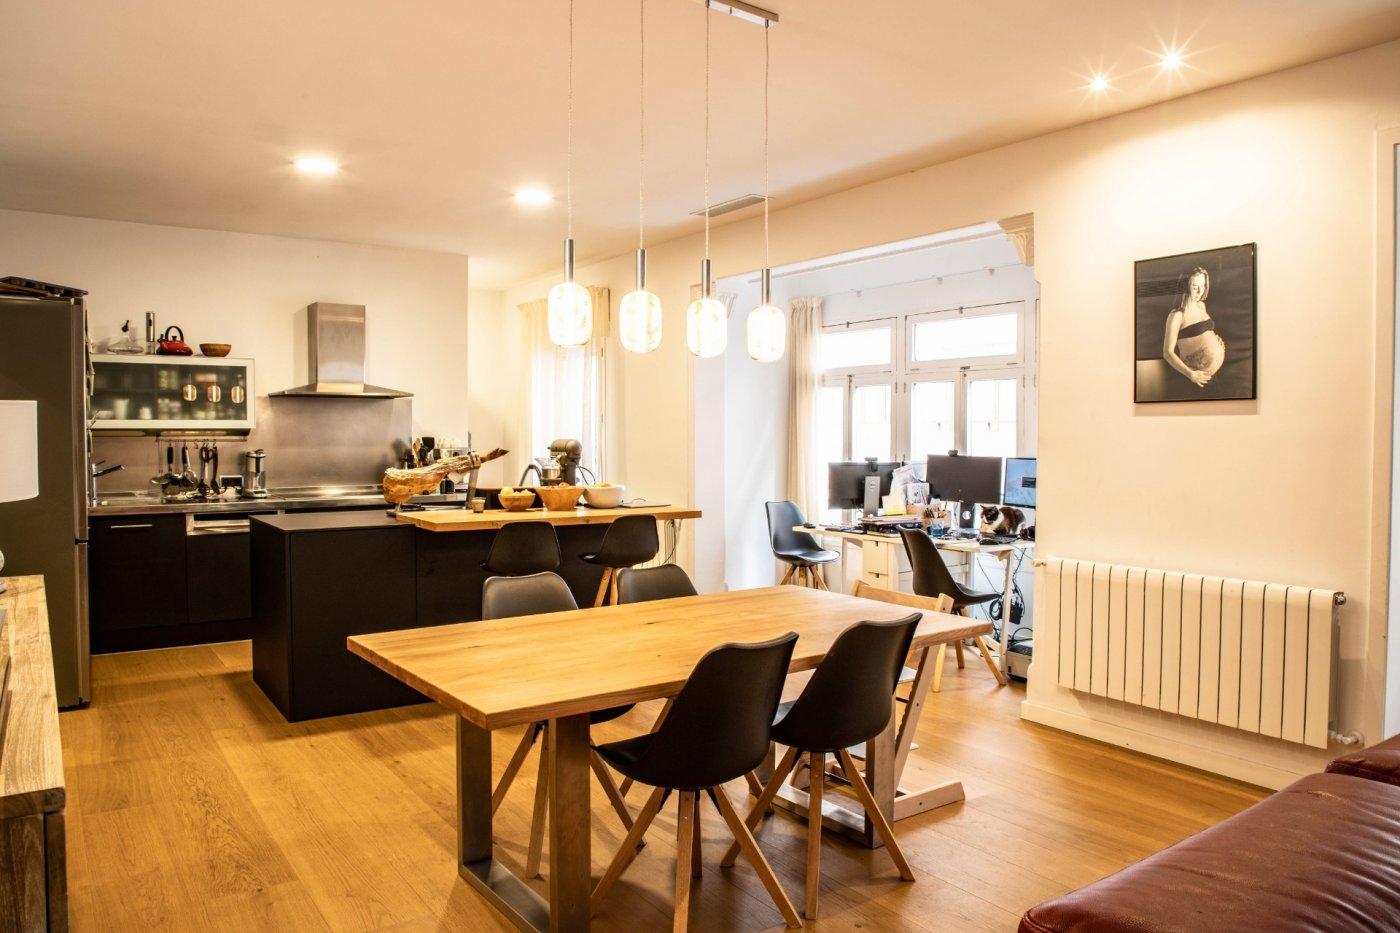 Excelente piso en muy buena ubicacion - imagenInmueble3